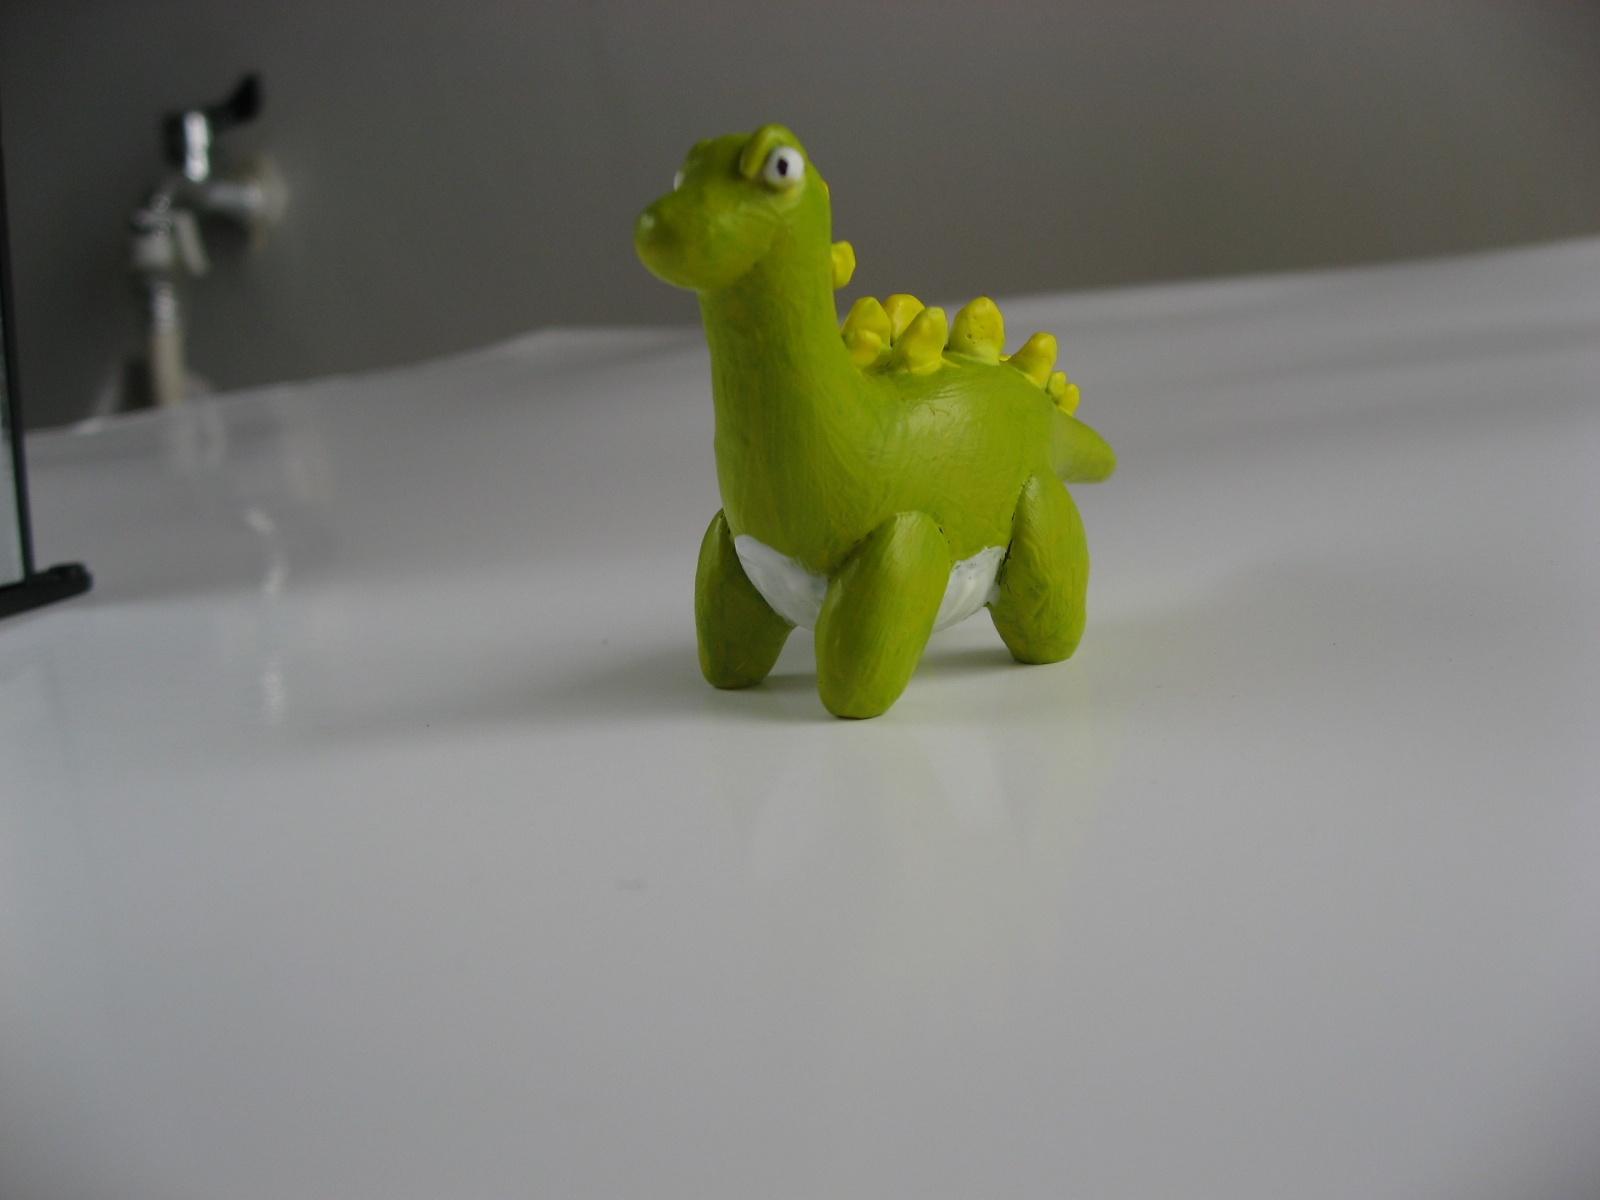 超轻粘土捏的小恐龙.